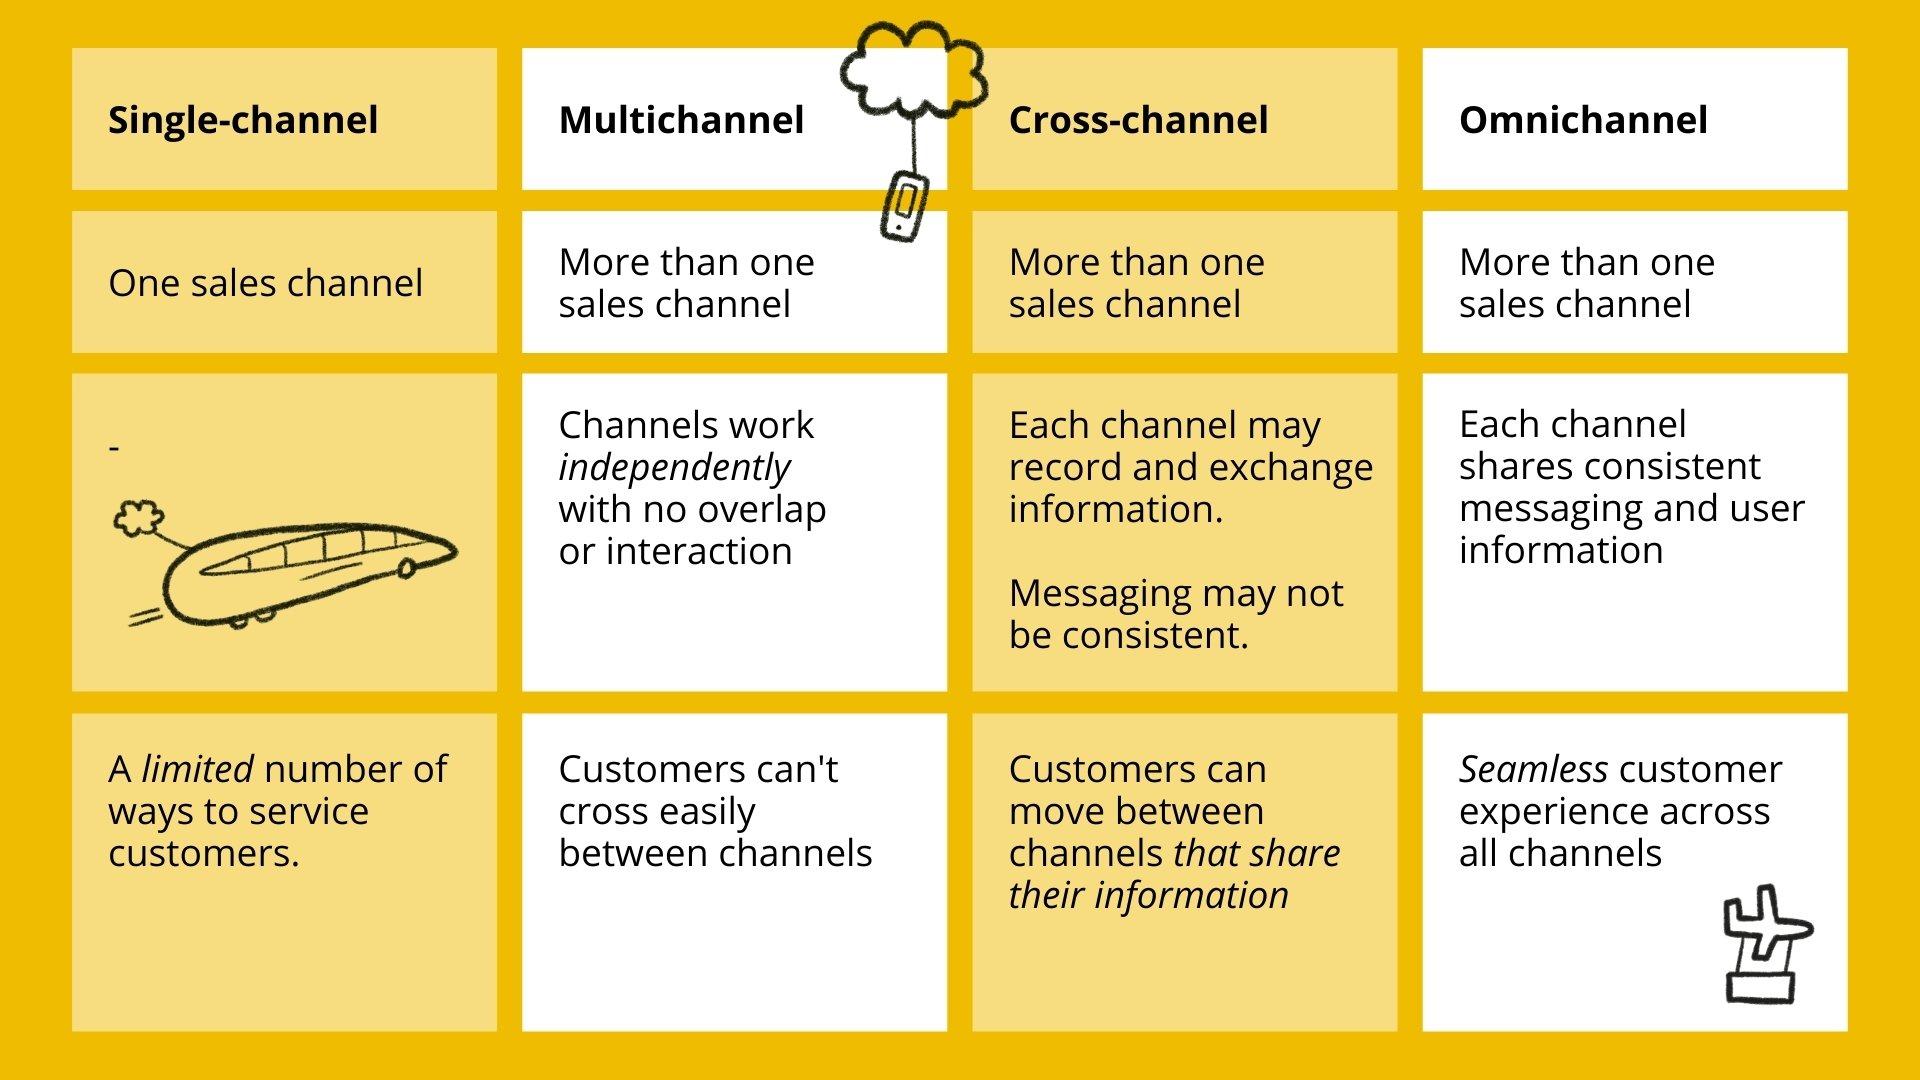 Differences between single-channel, multichannel, cross-channel, omnichannel chart